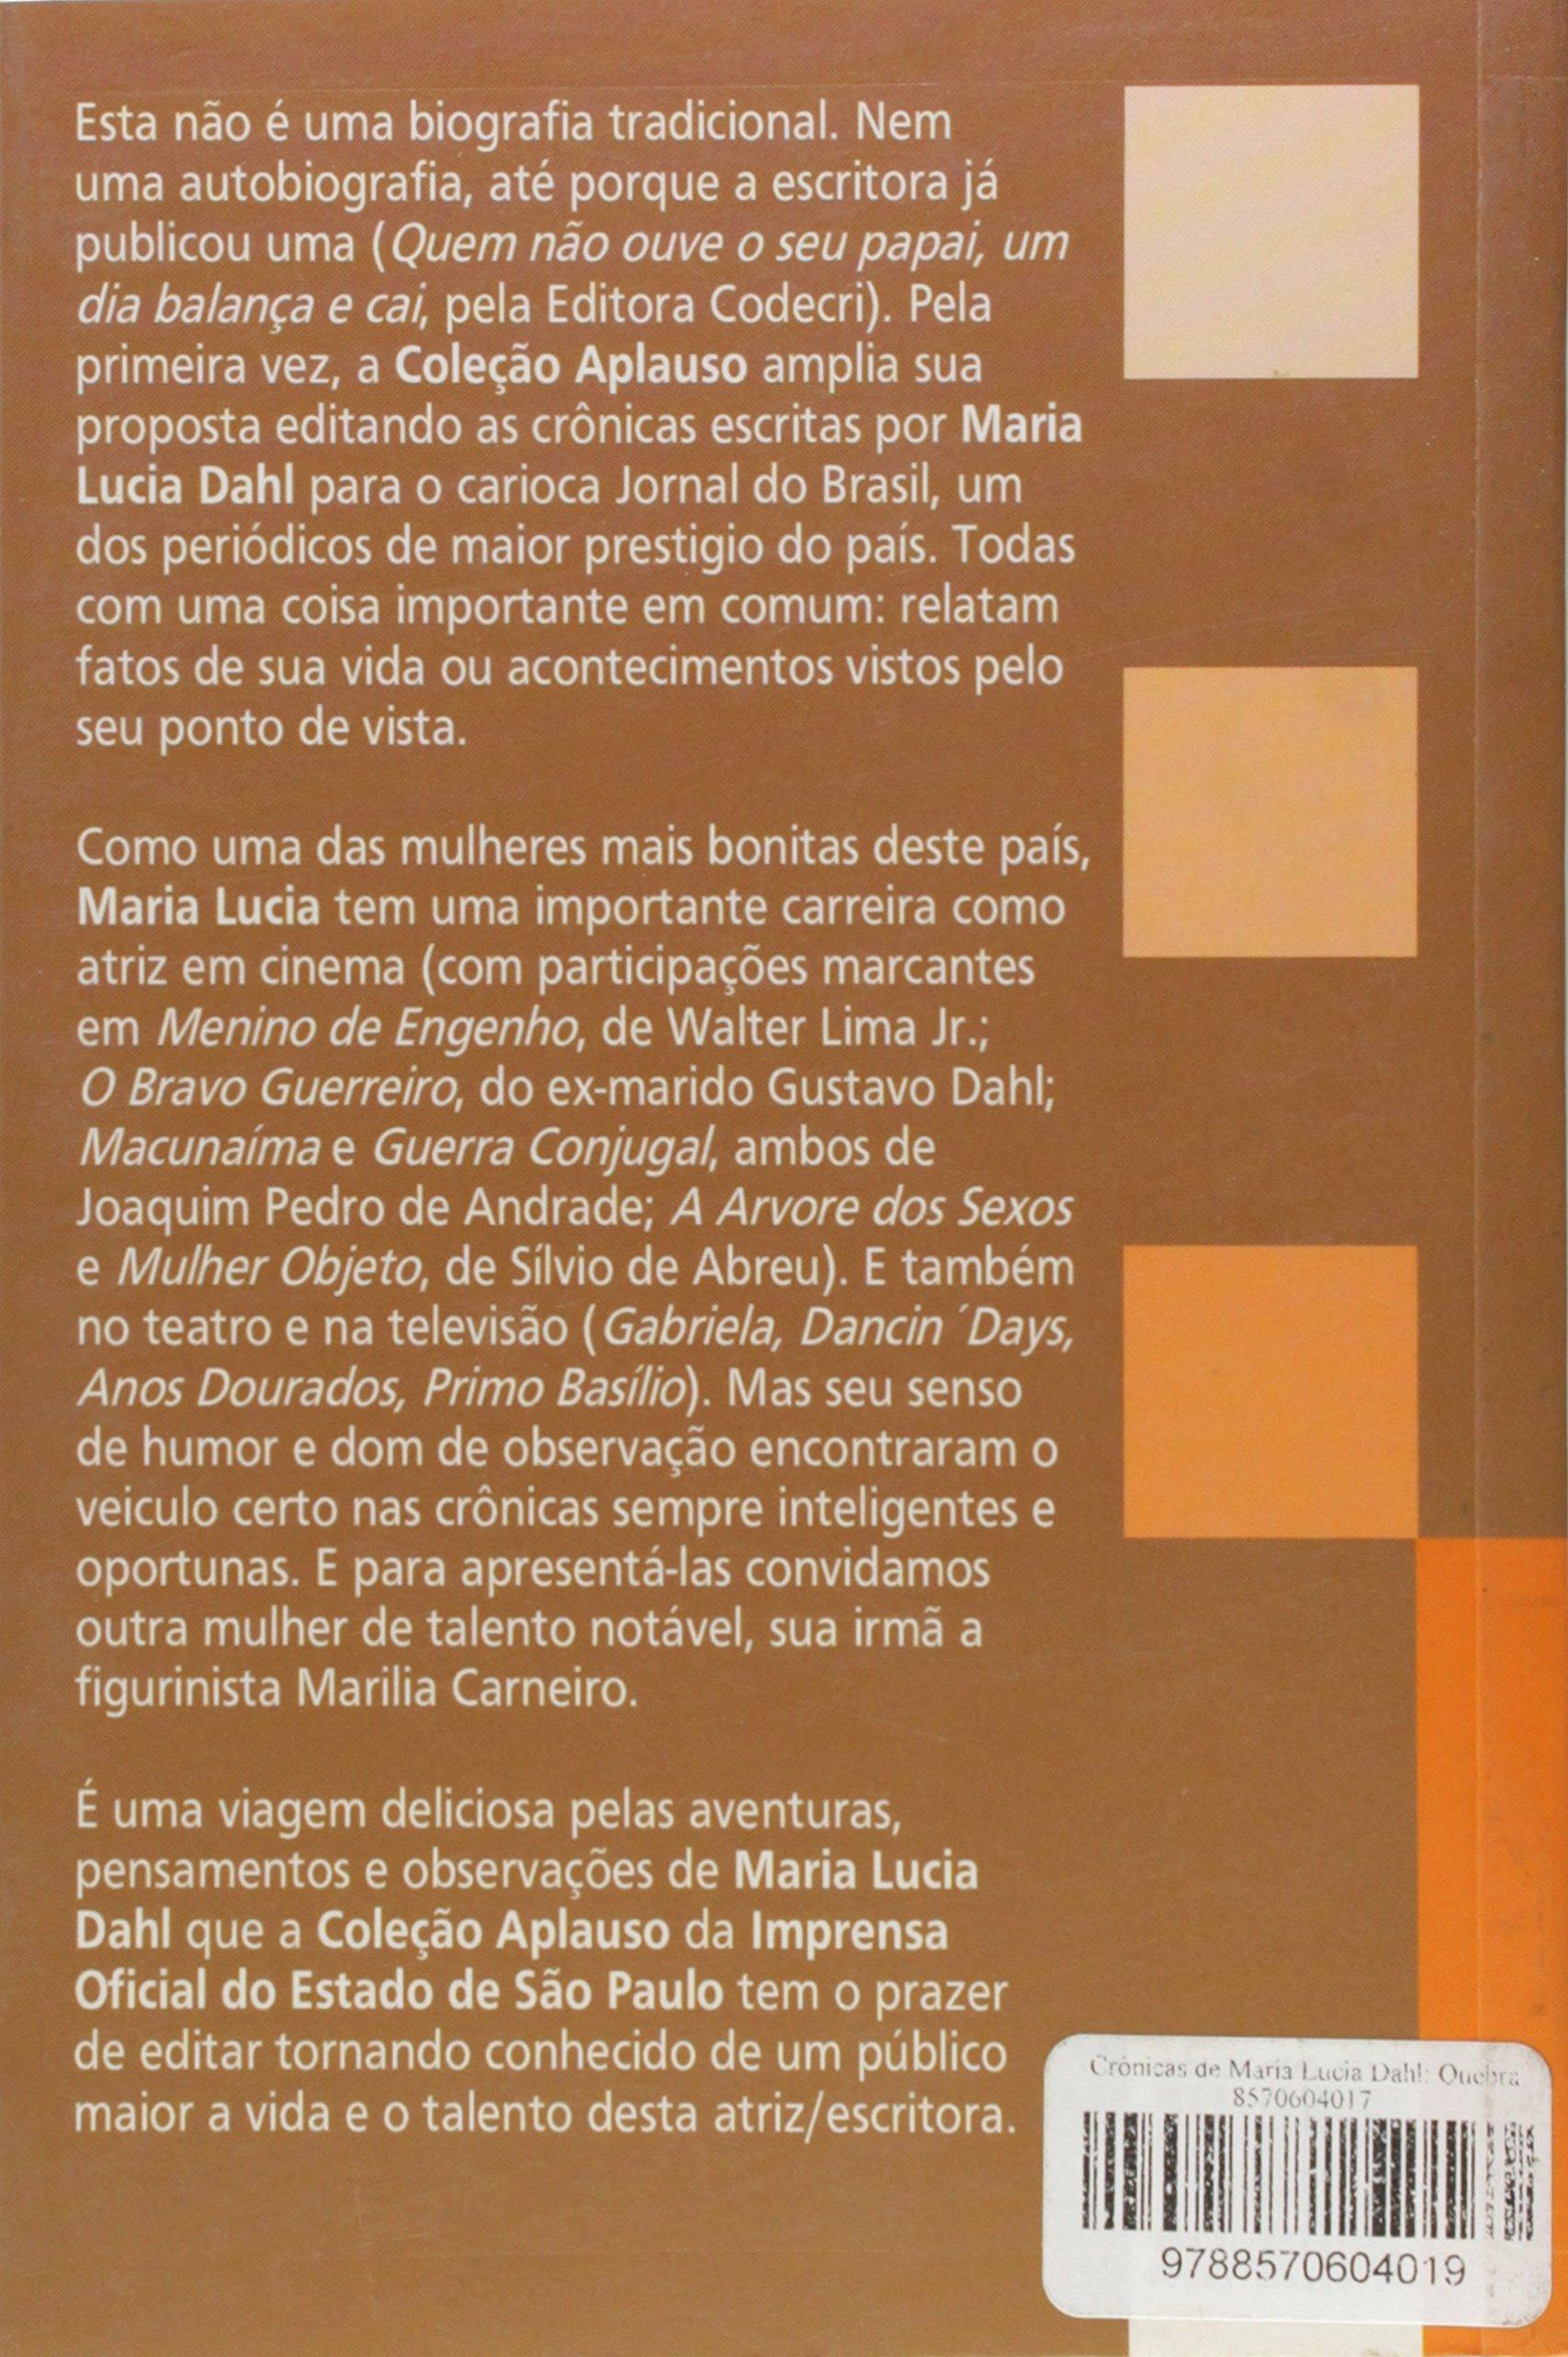 Maria Lucia Dahl Nude Photos 7